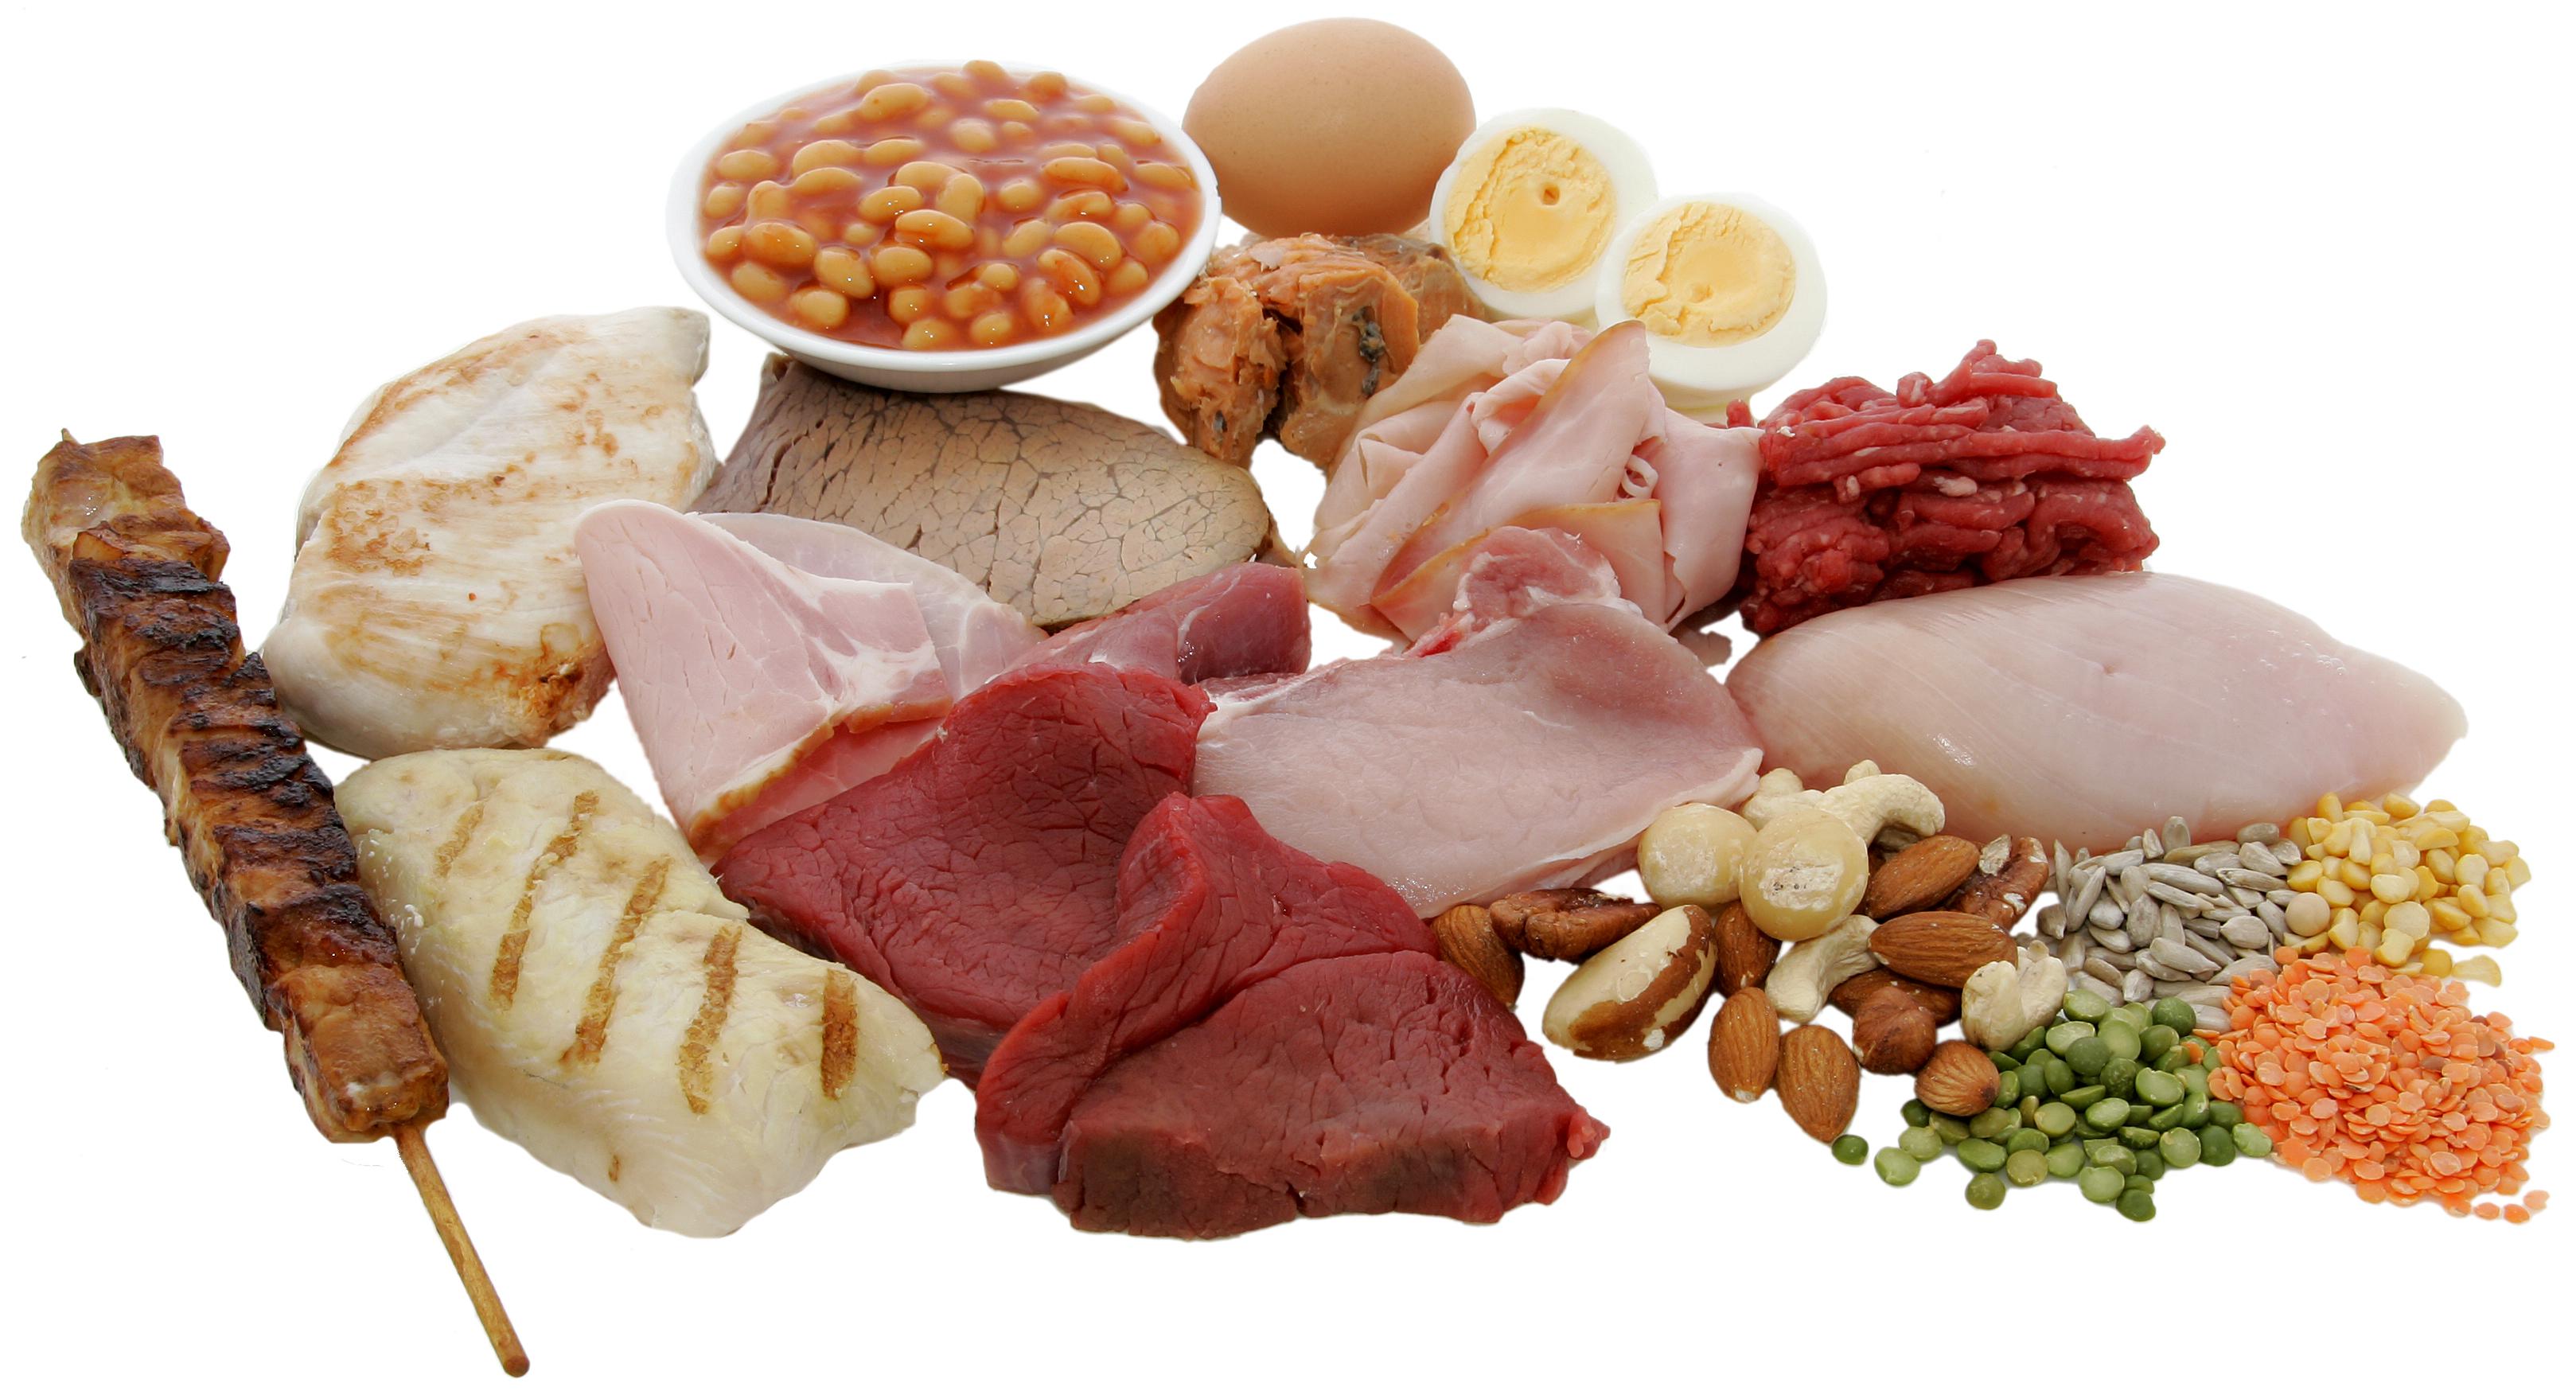 двух соседствующих мясо и морепродукты на сушке отметить, что деньги